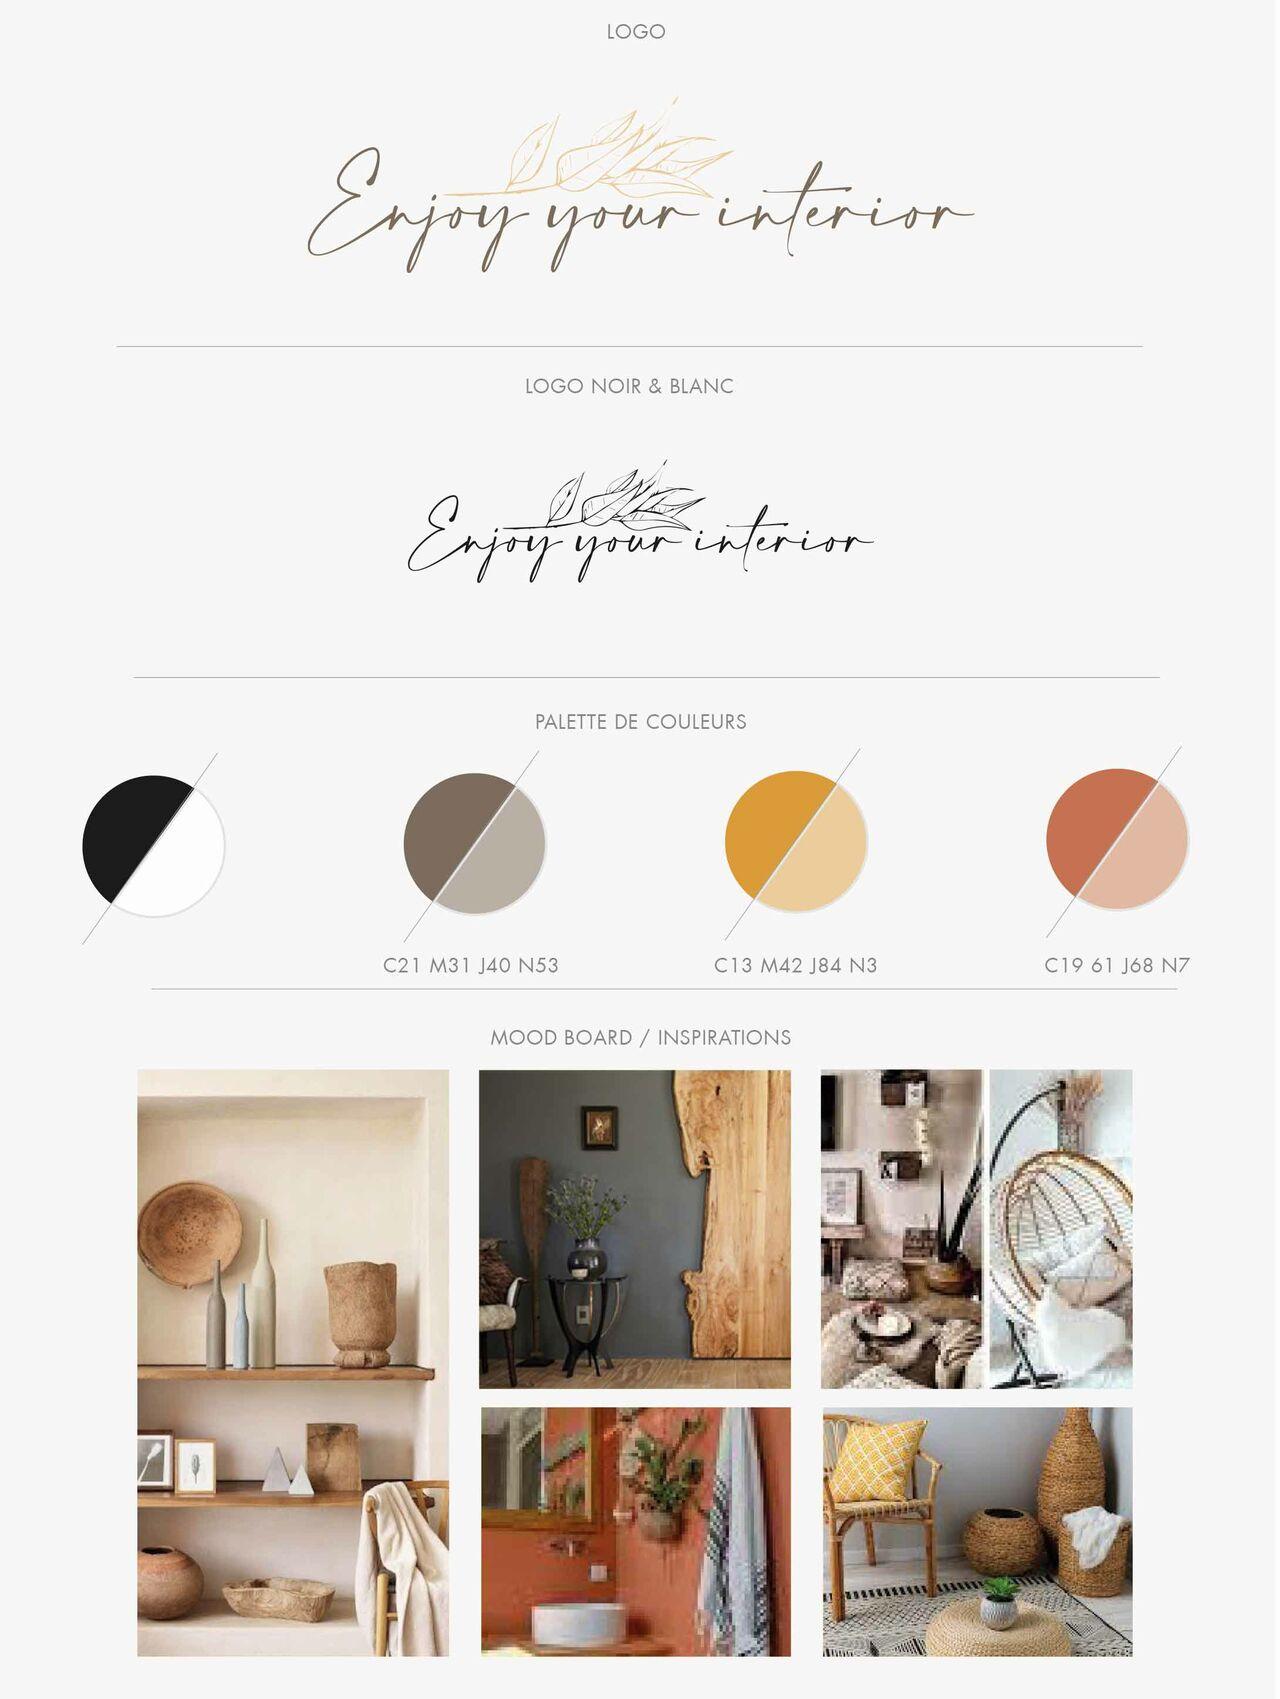 Charte graphique Enjoy your interior